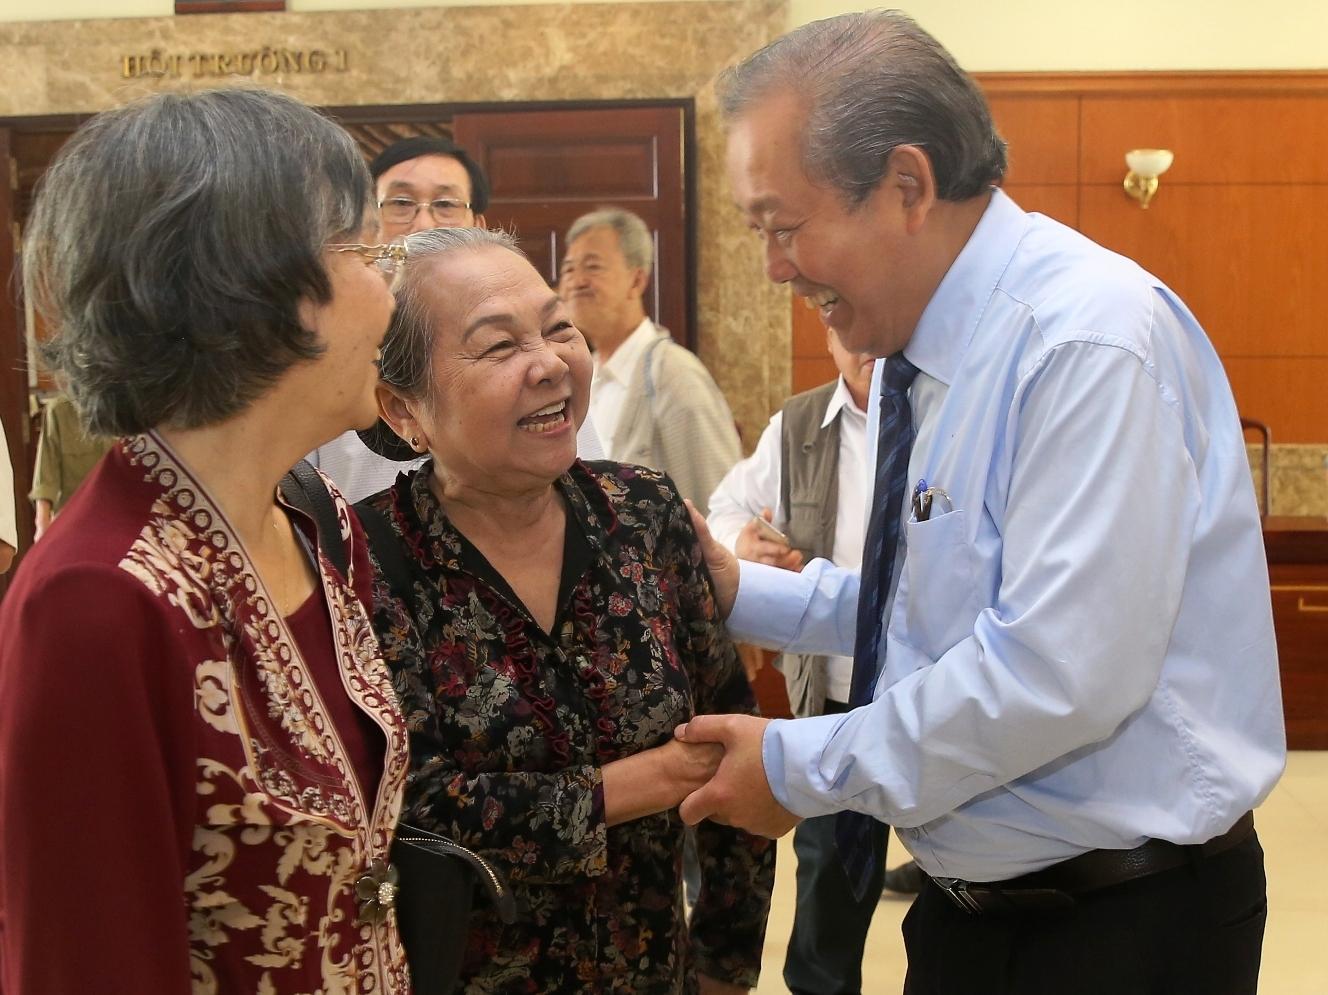 Phó thủ tướng Thường trực Chính phủ Trương Hoà Bình cùng các chiến sĩ cách mạng từng bị địch bắt tù đày. Ảnh: VGP/Mạnh Hùng